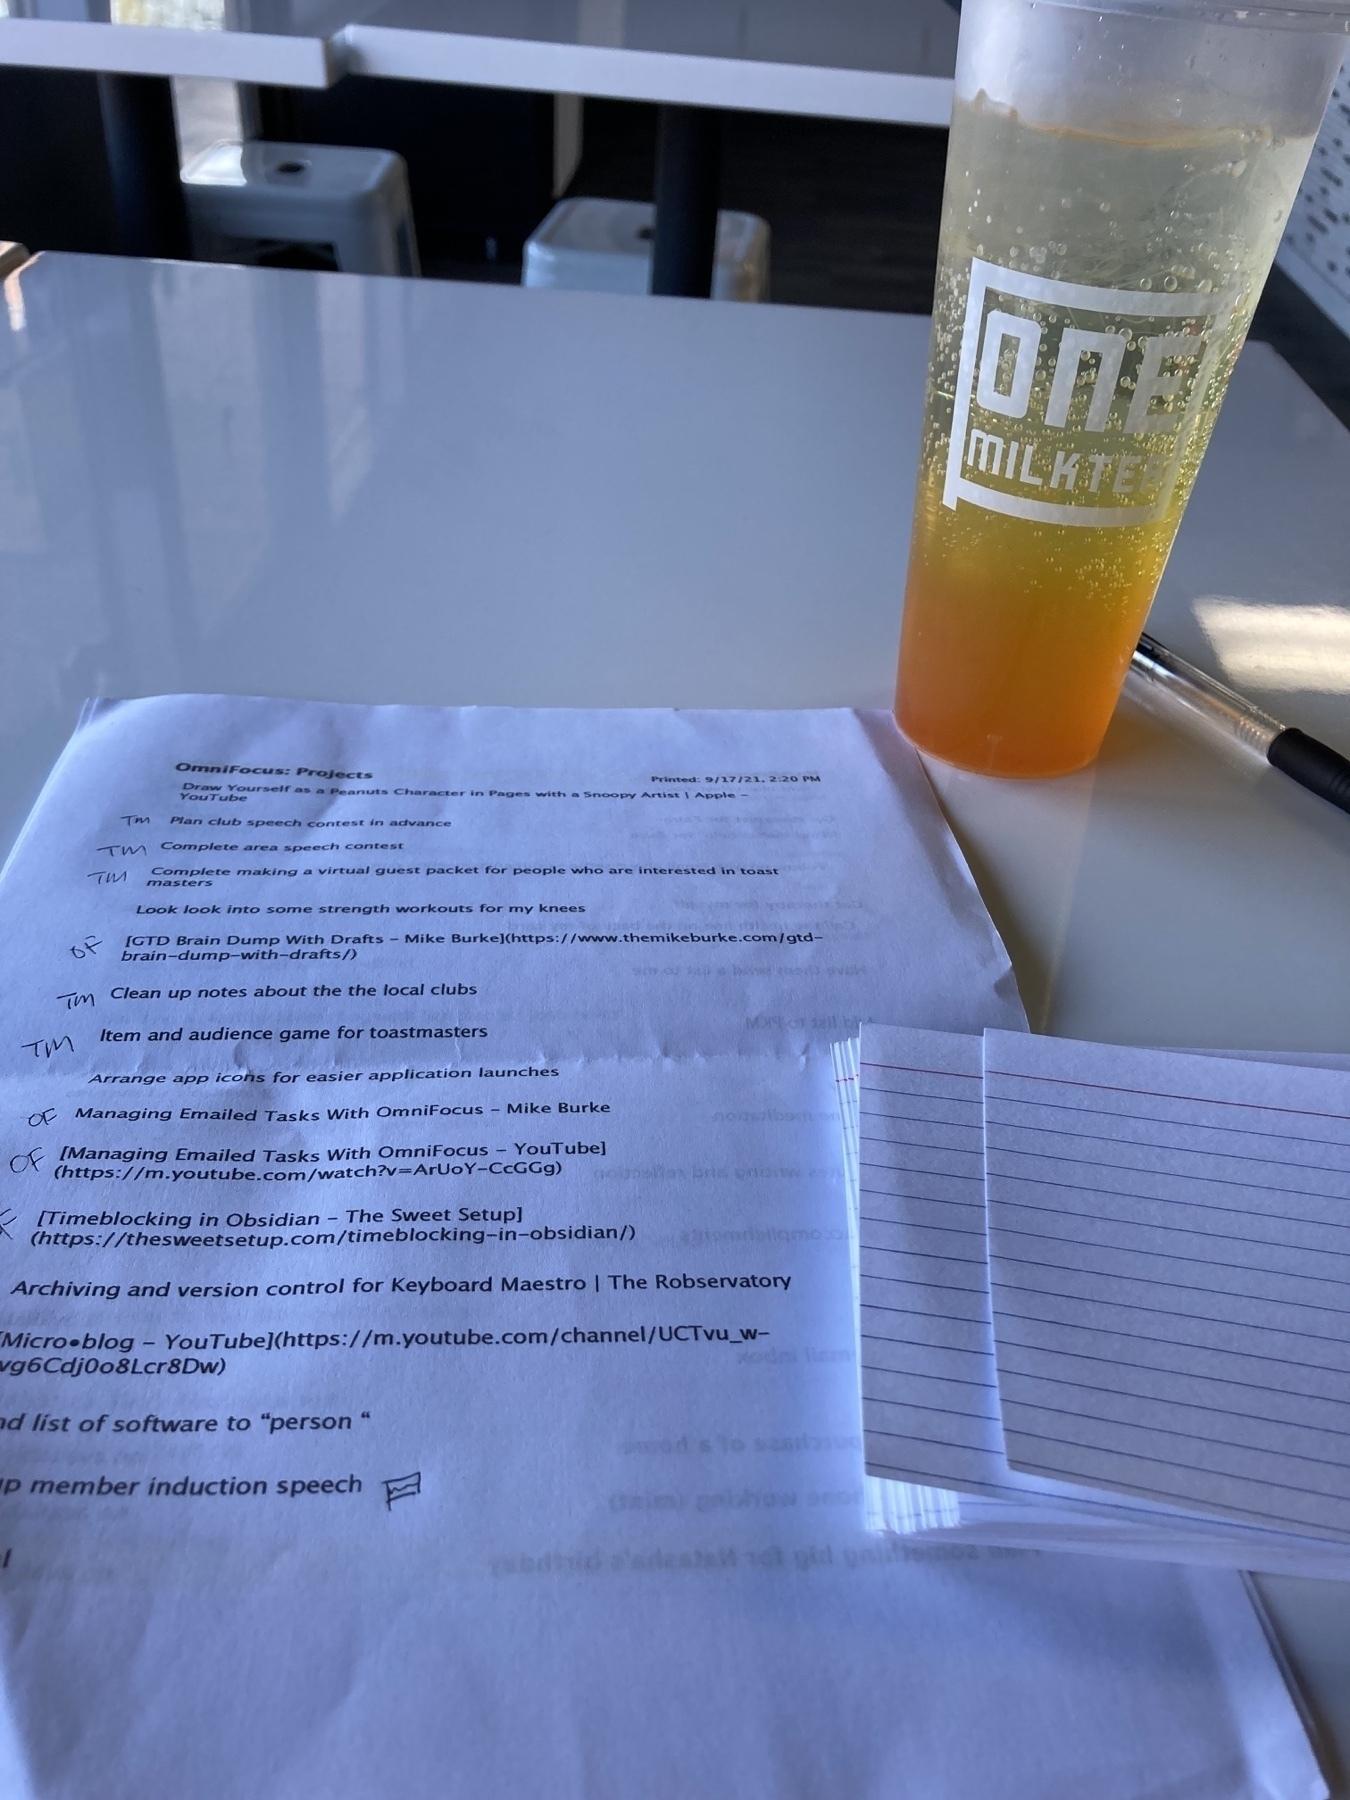 Tasks list next to a orange drink.